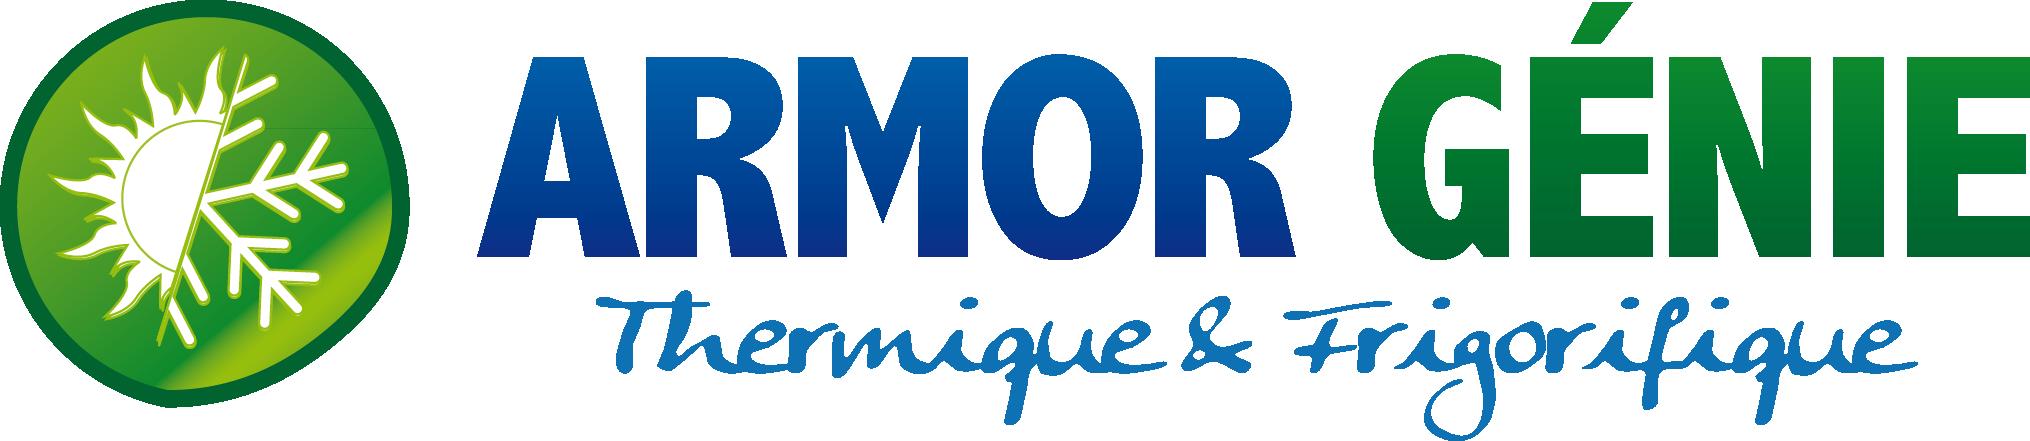 Armor Génie Thermique & Frigorifique